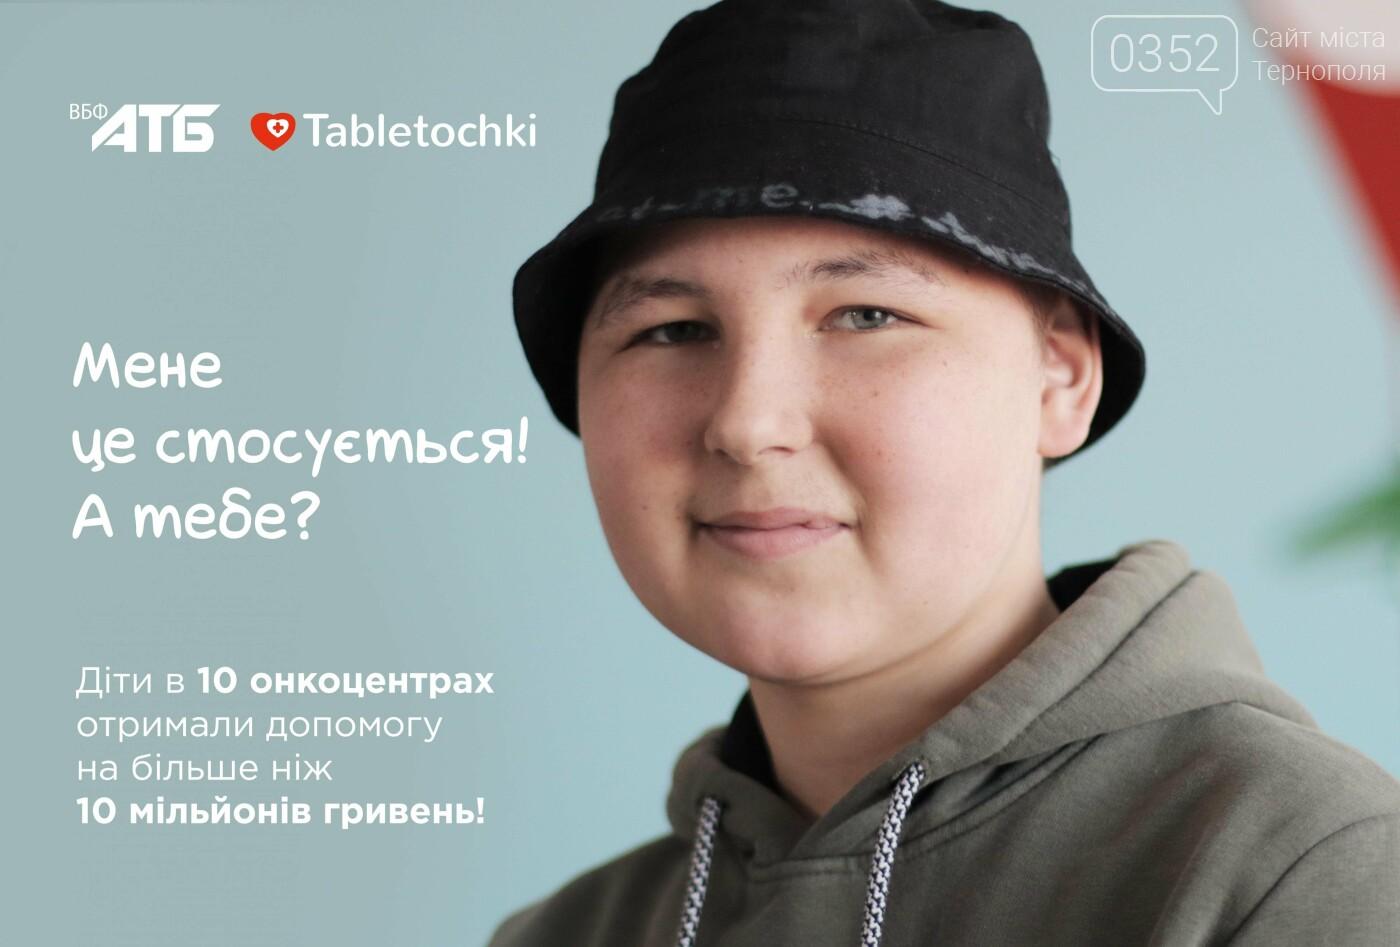 Місія здійсненна: покупці «АТБ» допомогли зібрати на допомогу онкохворим дітям більш як 10 млн гривень, фото-1